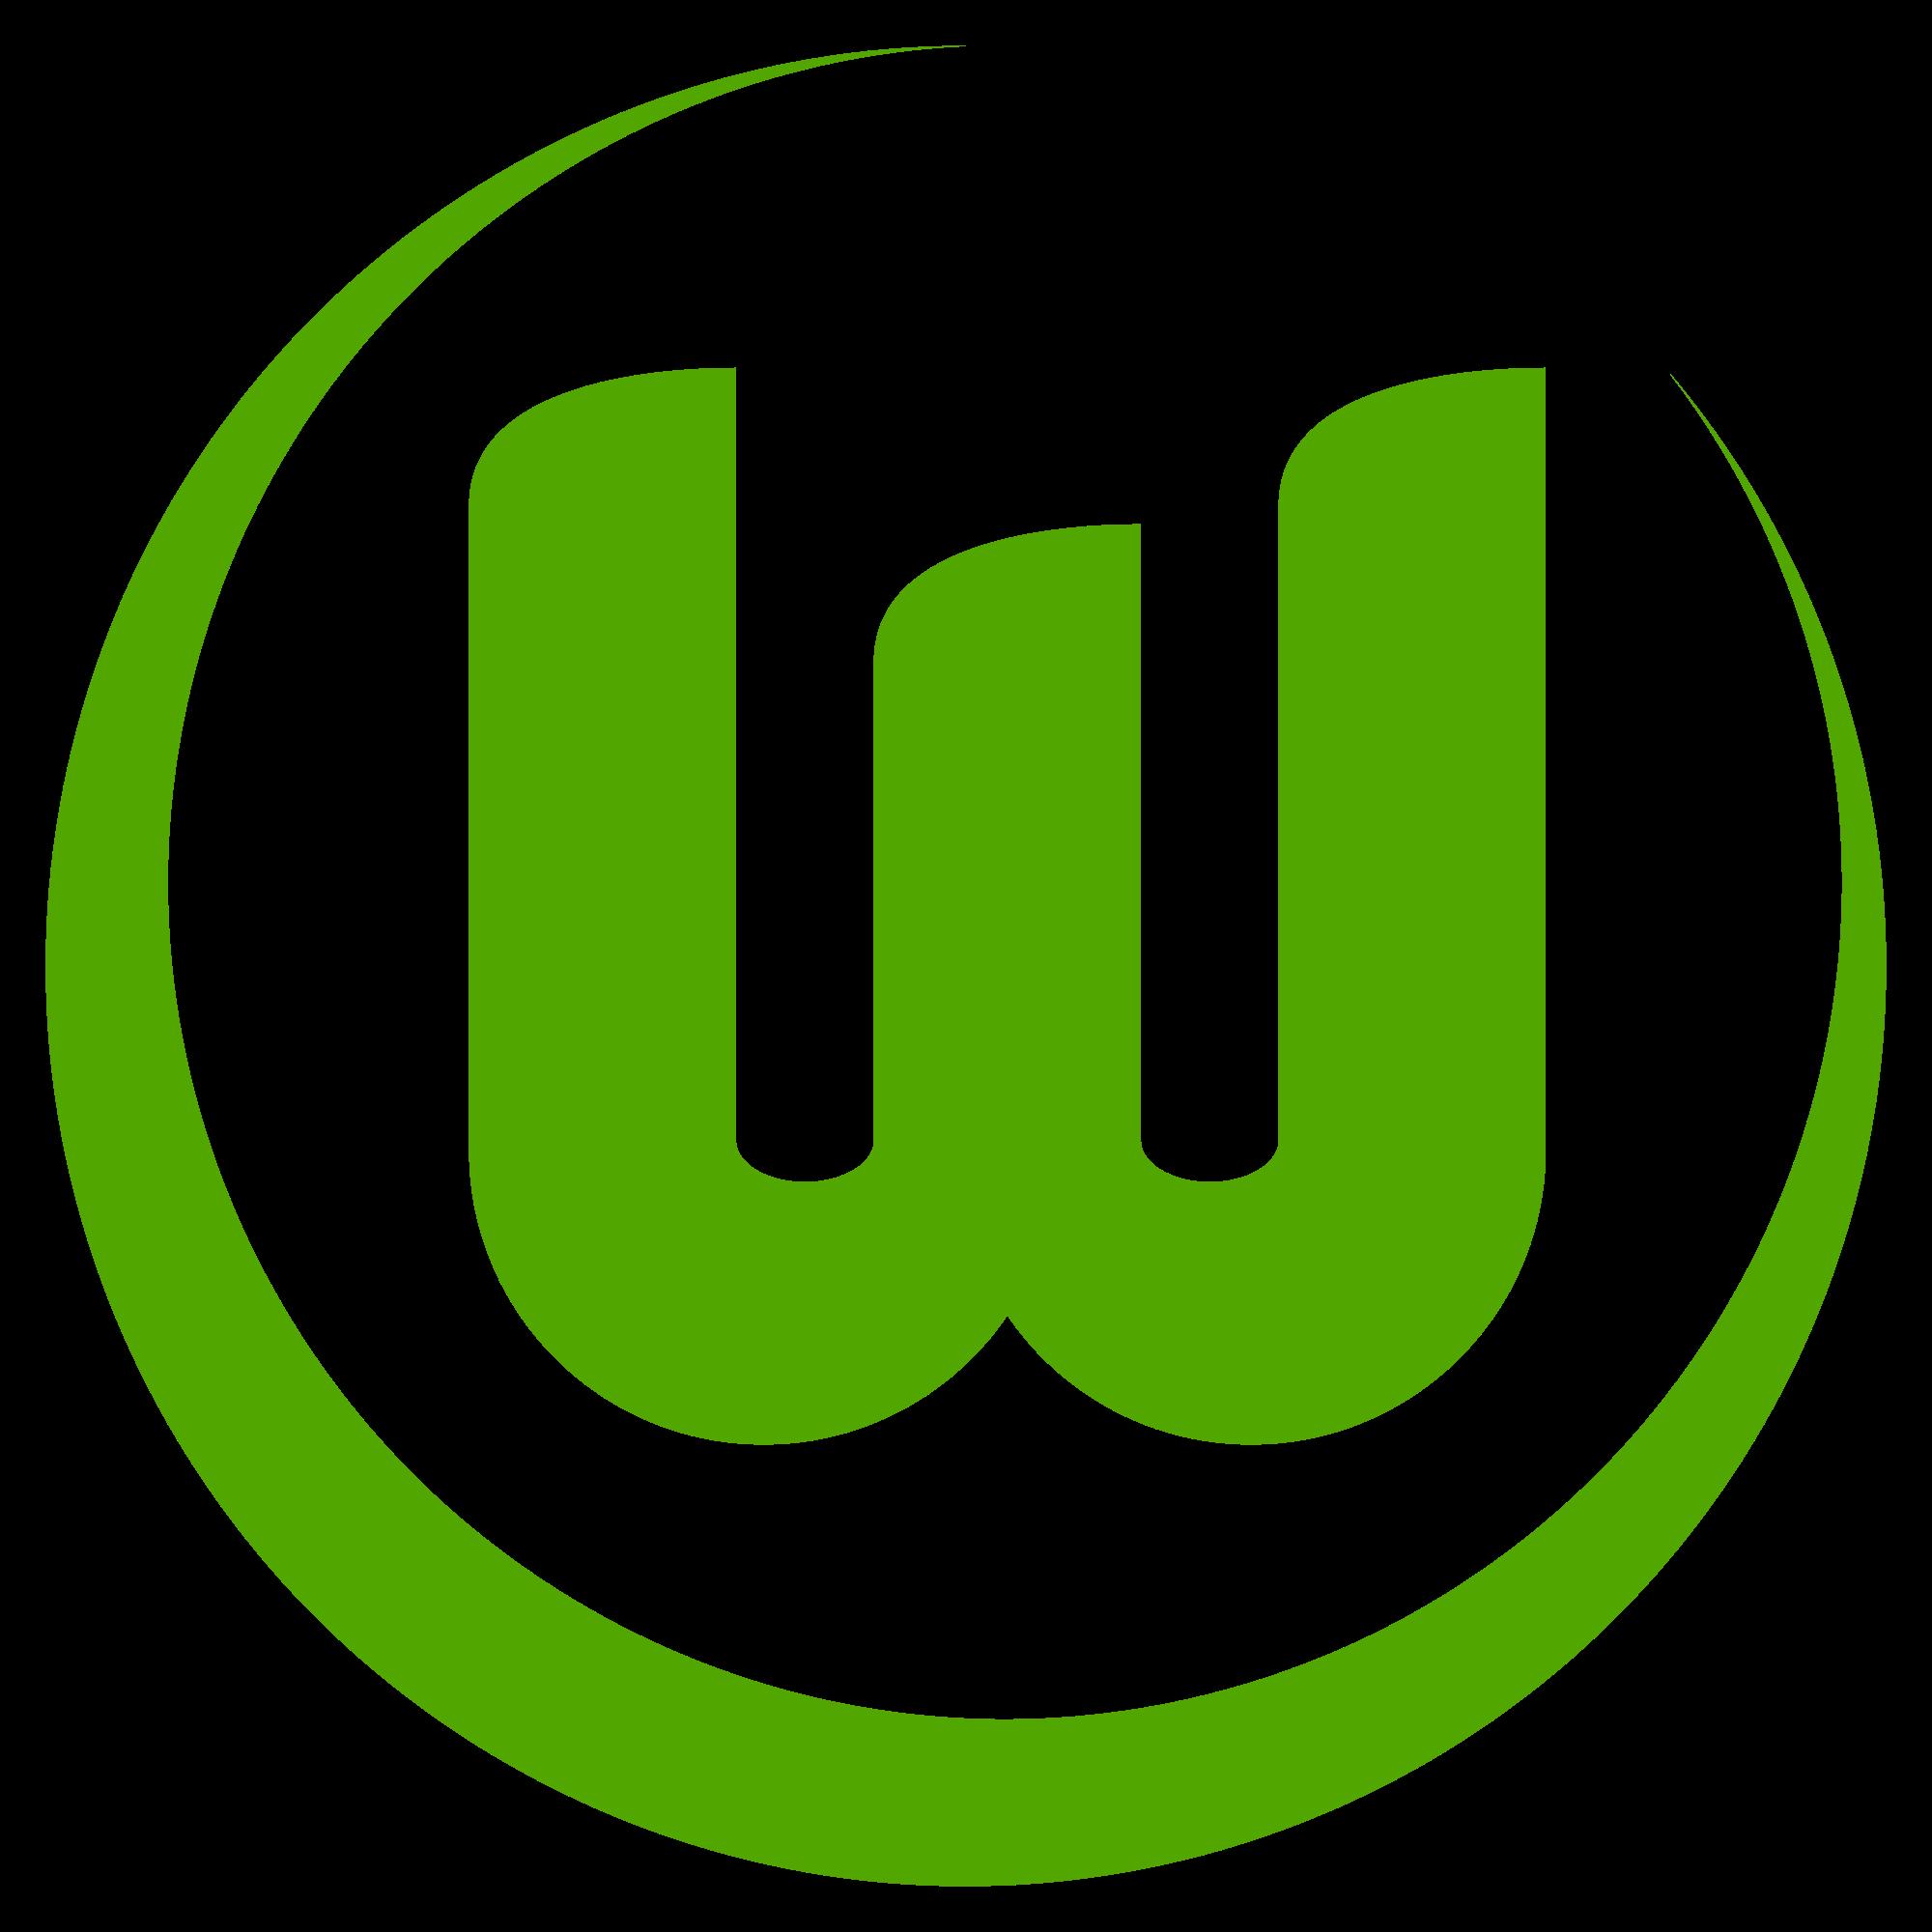 Vfb Wolfsburg